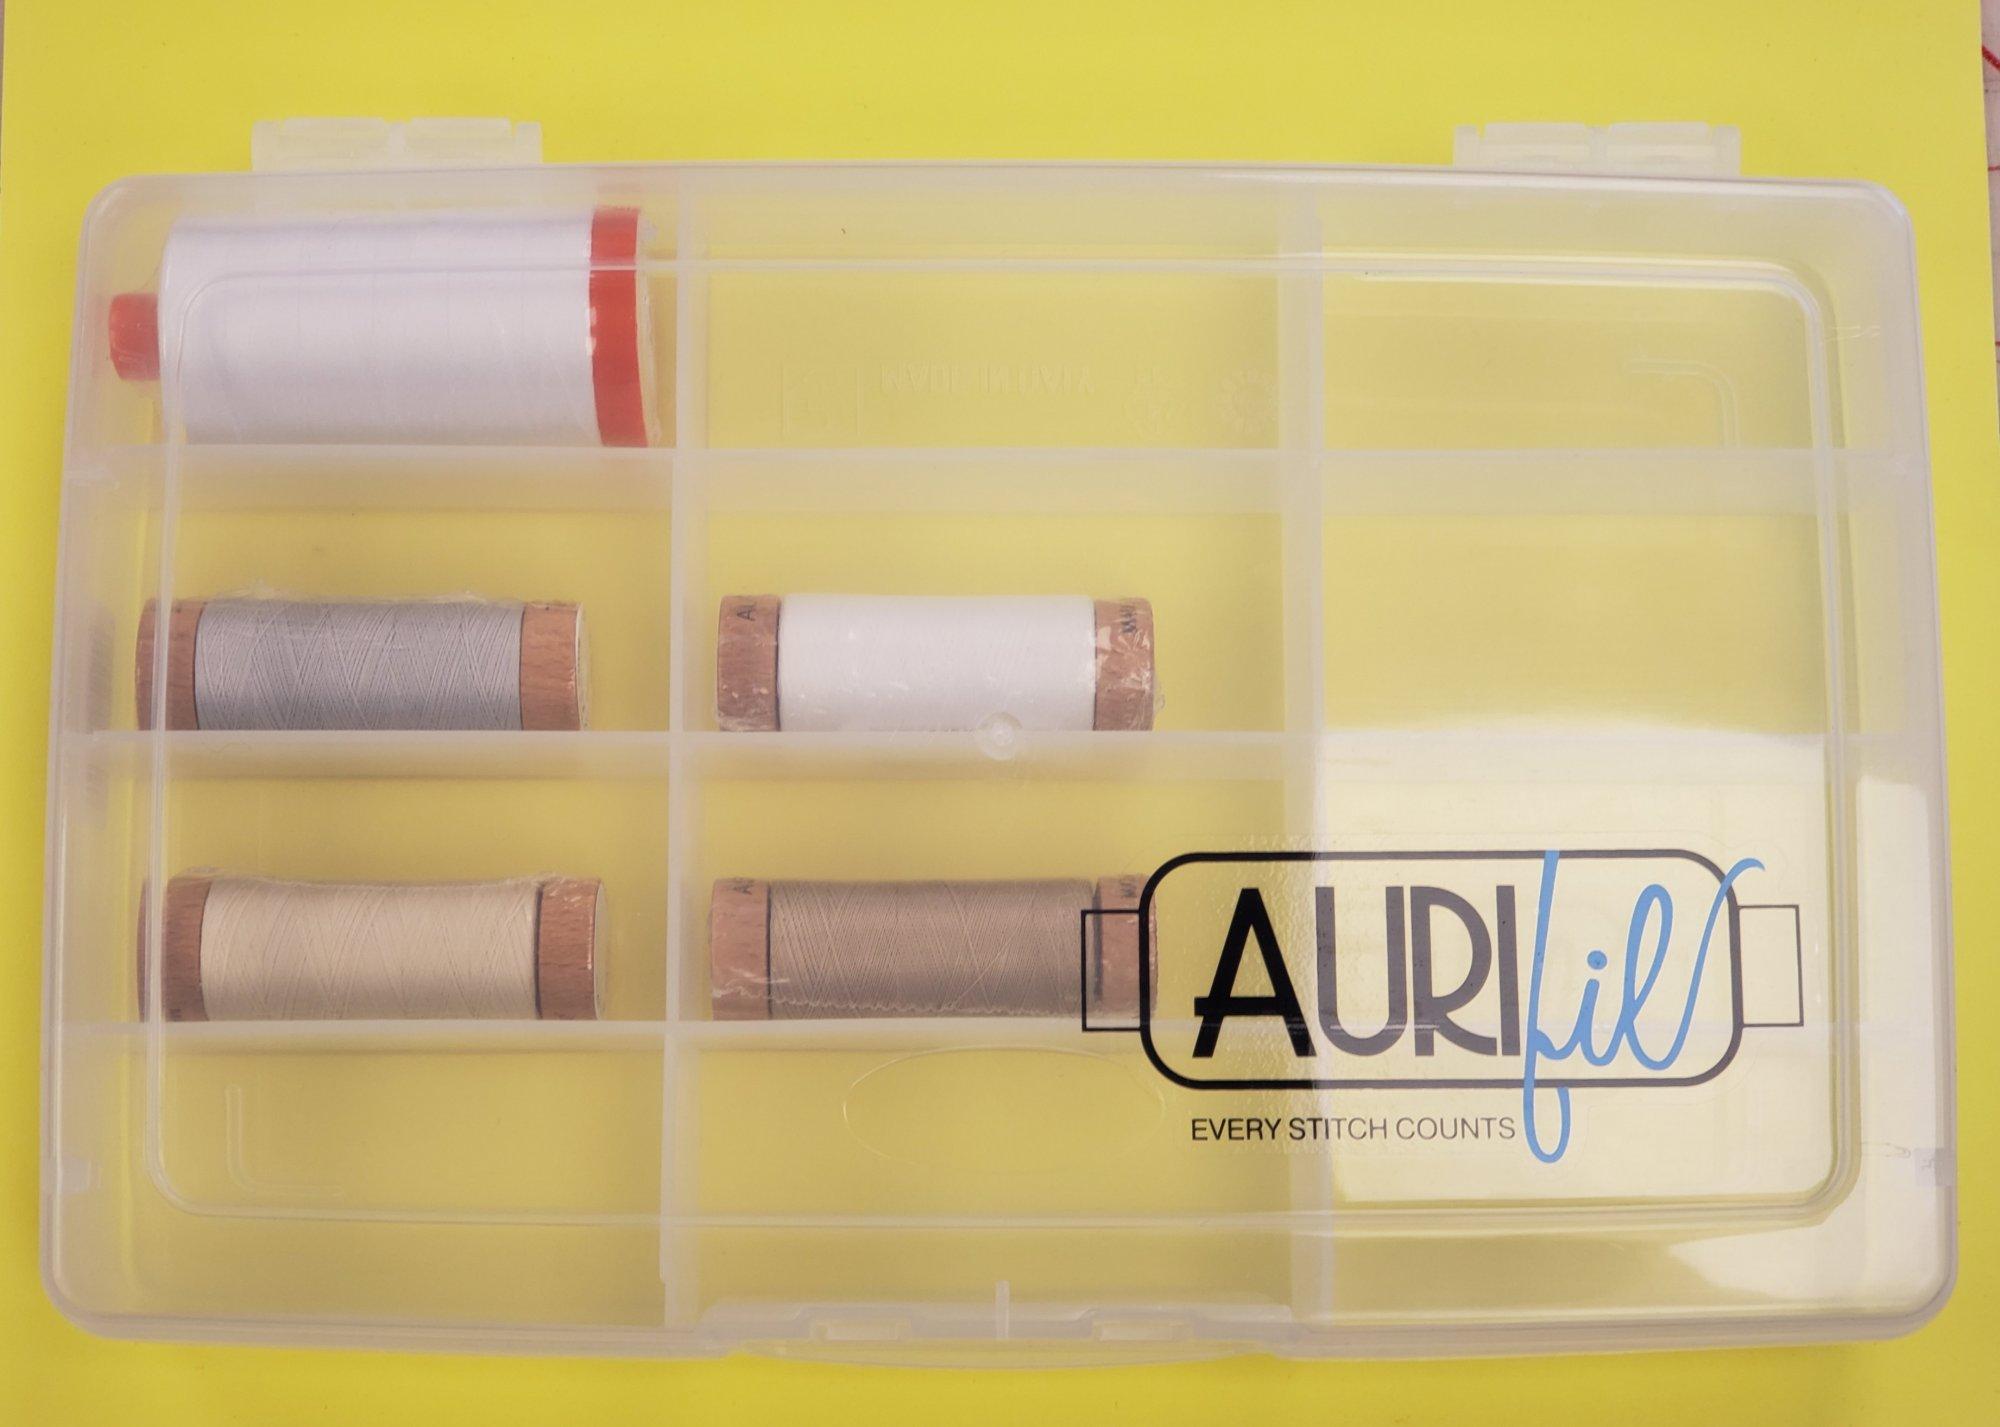 Aurifil Thread Box with Thread